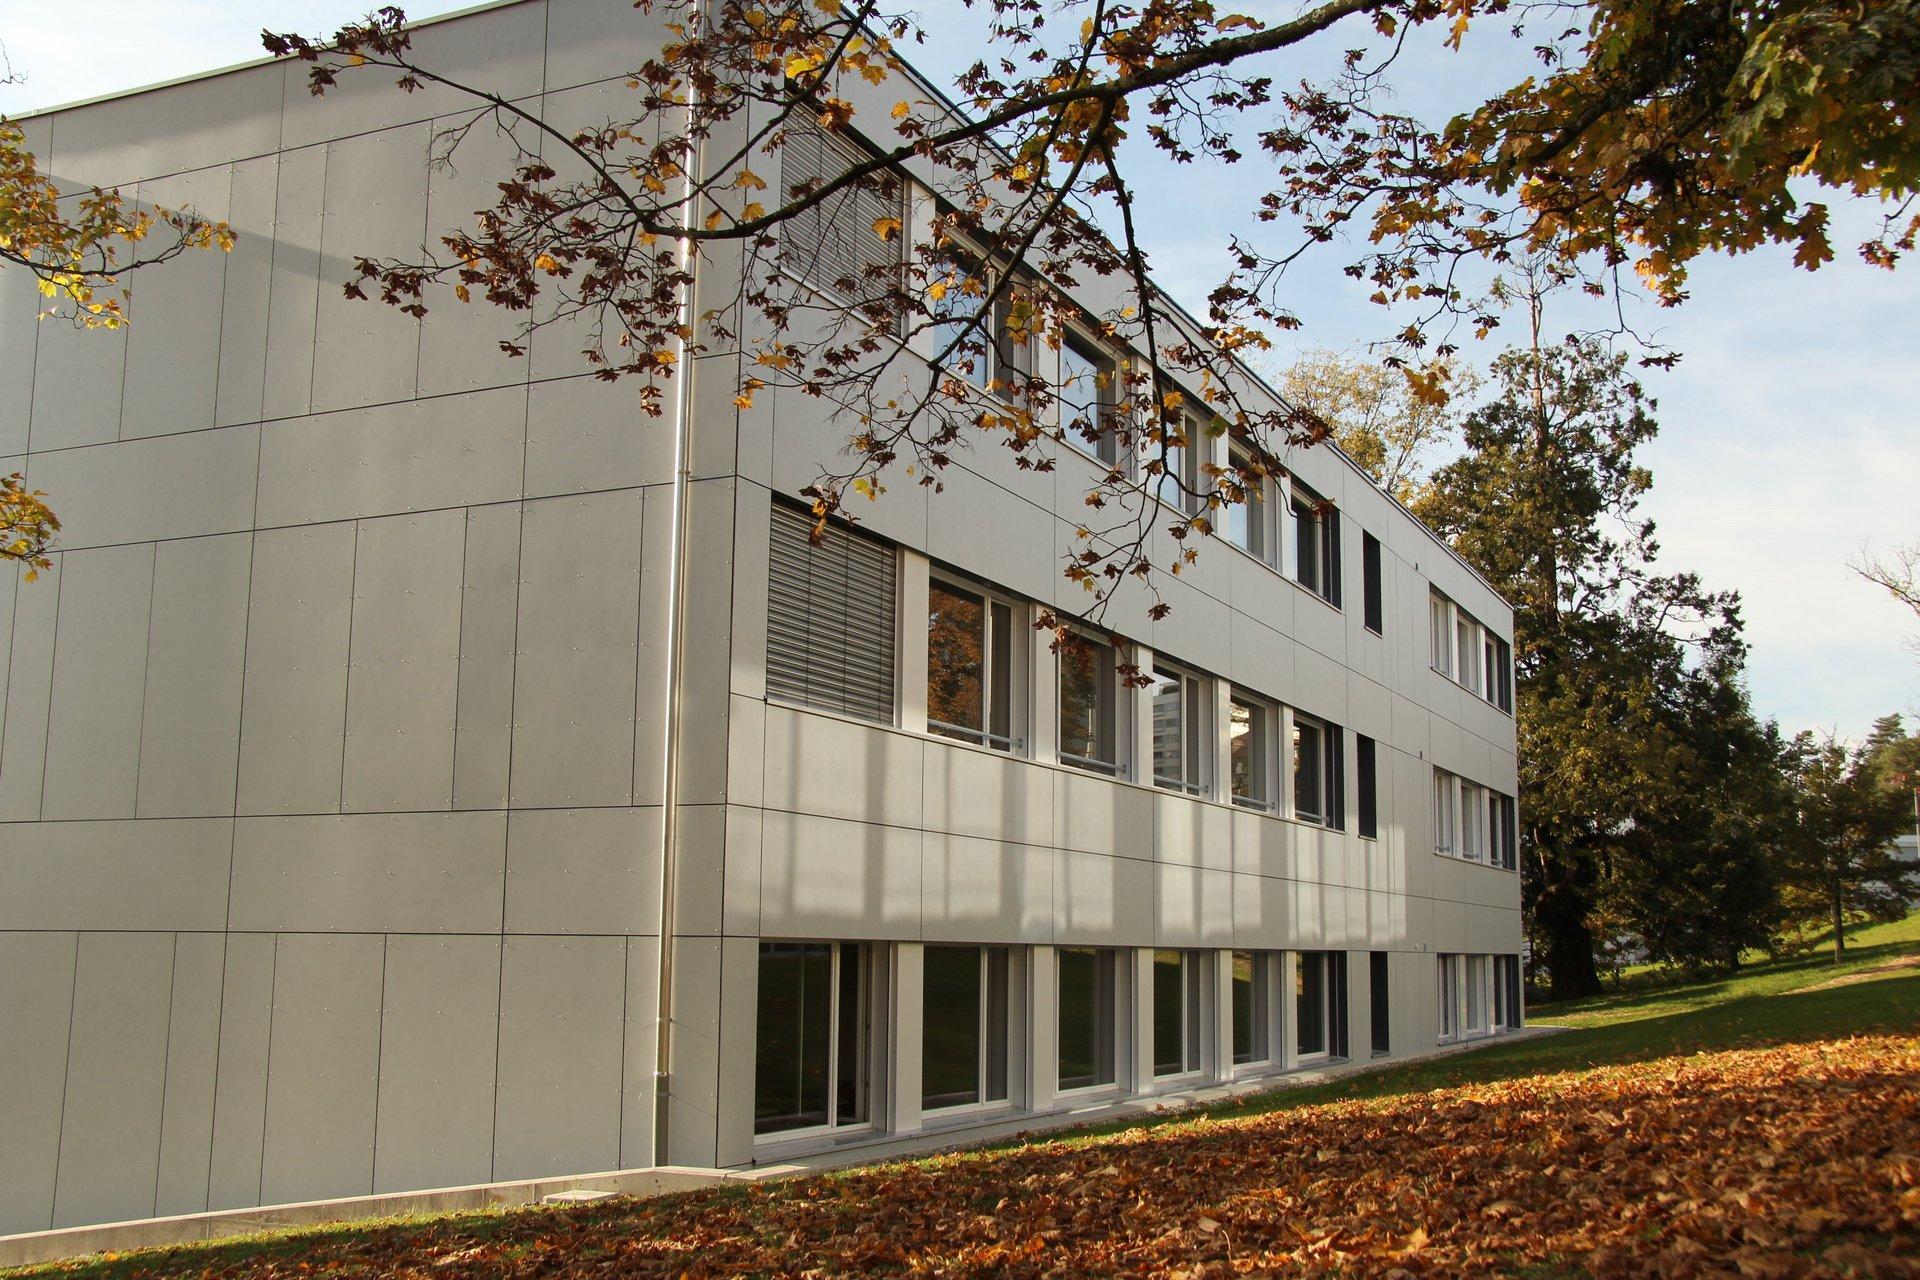 3-geschossiges Schulgebäude mit grauer Fassade